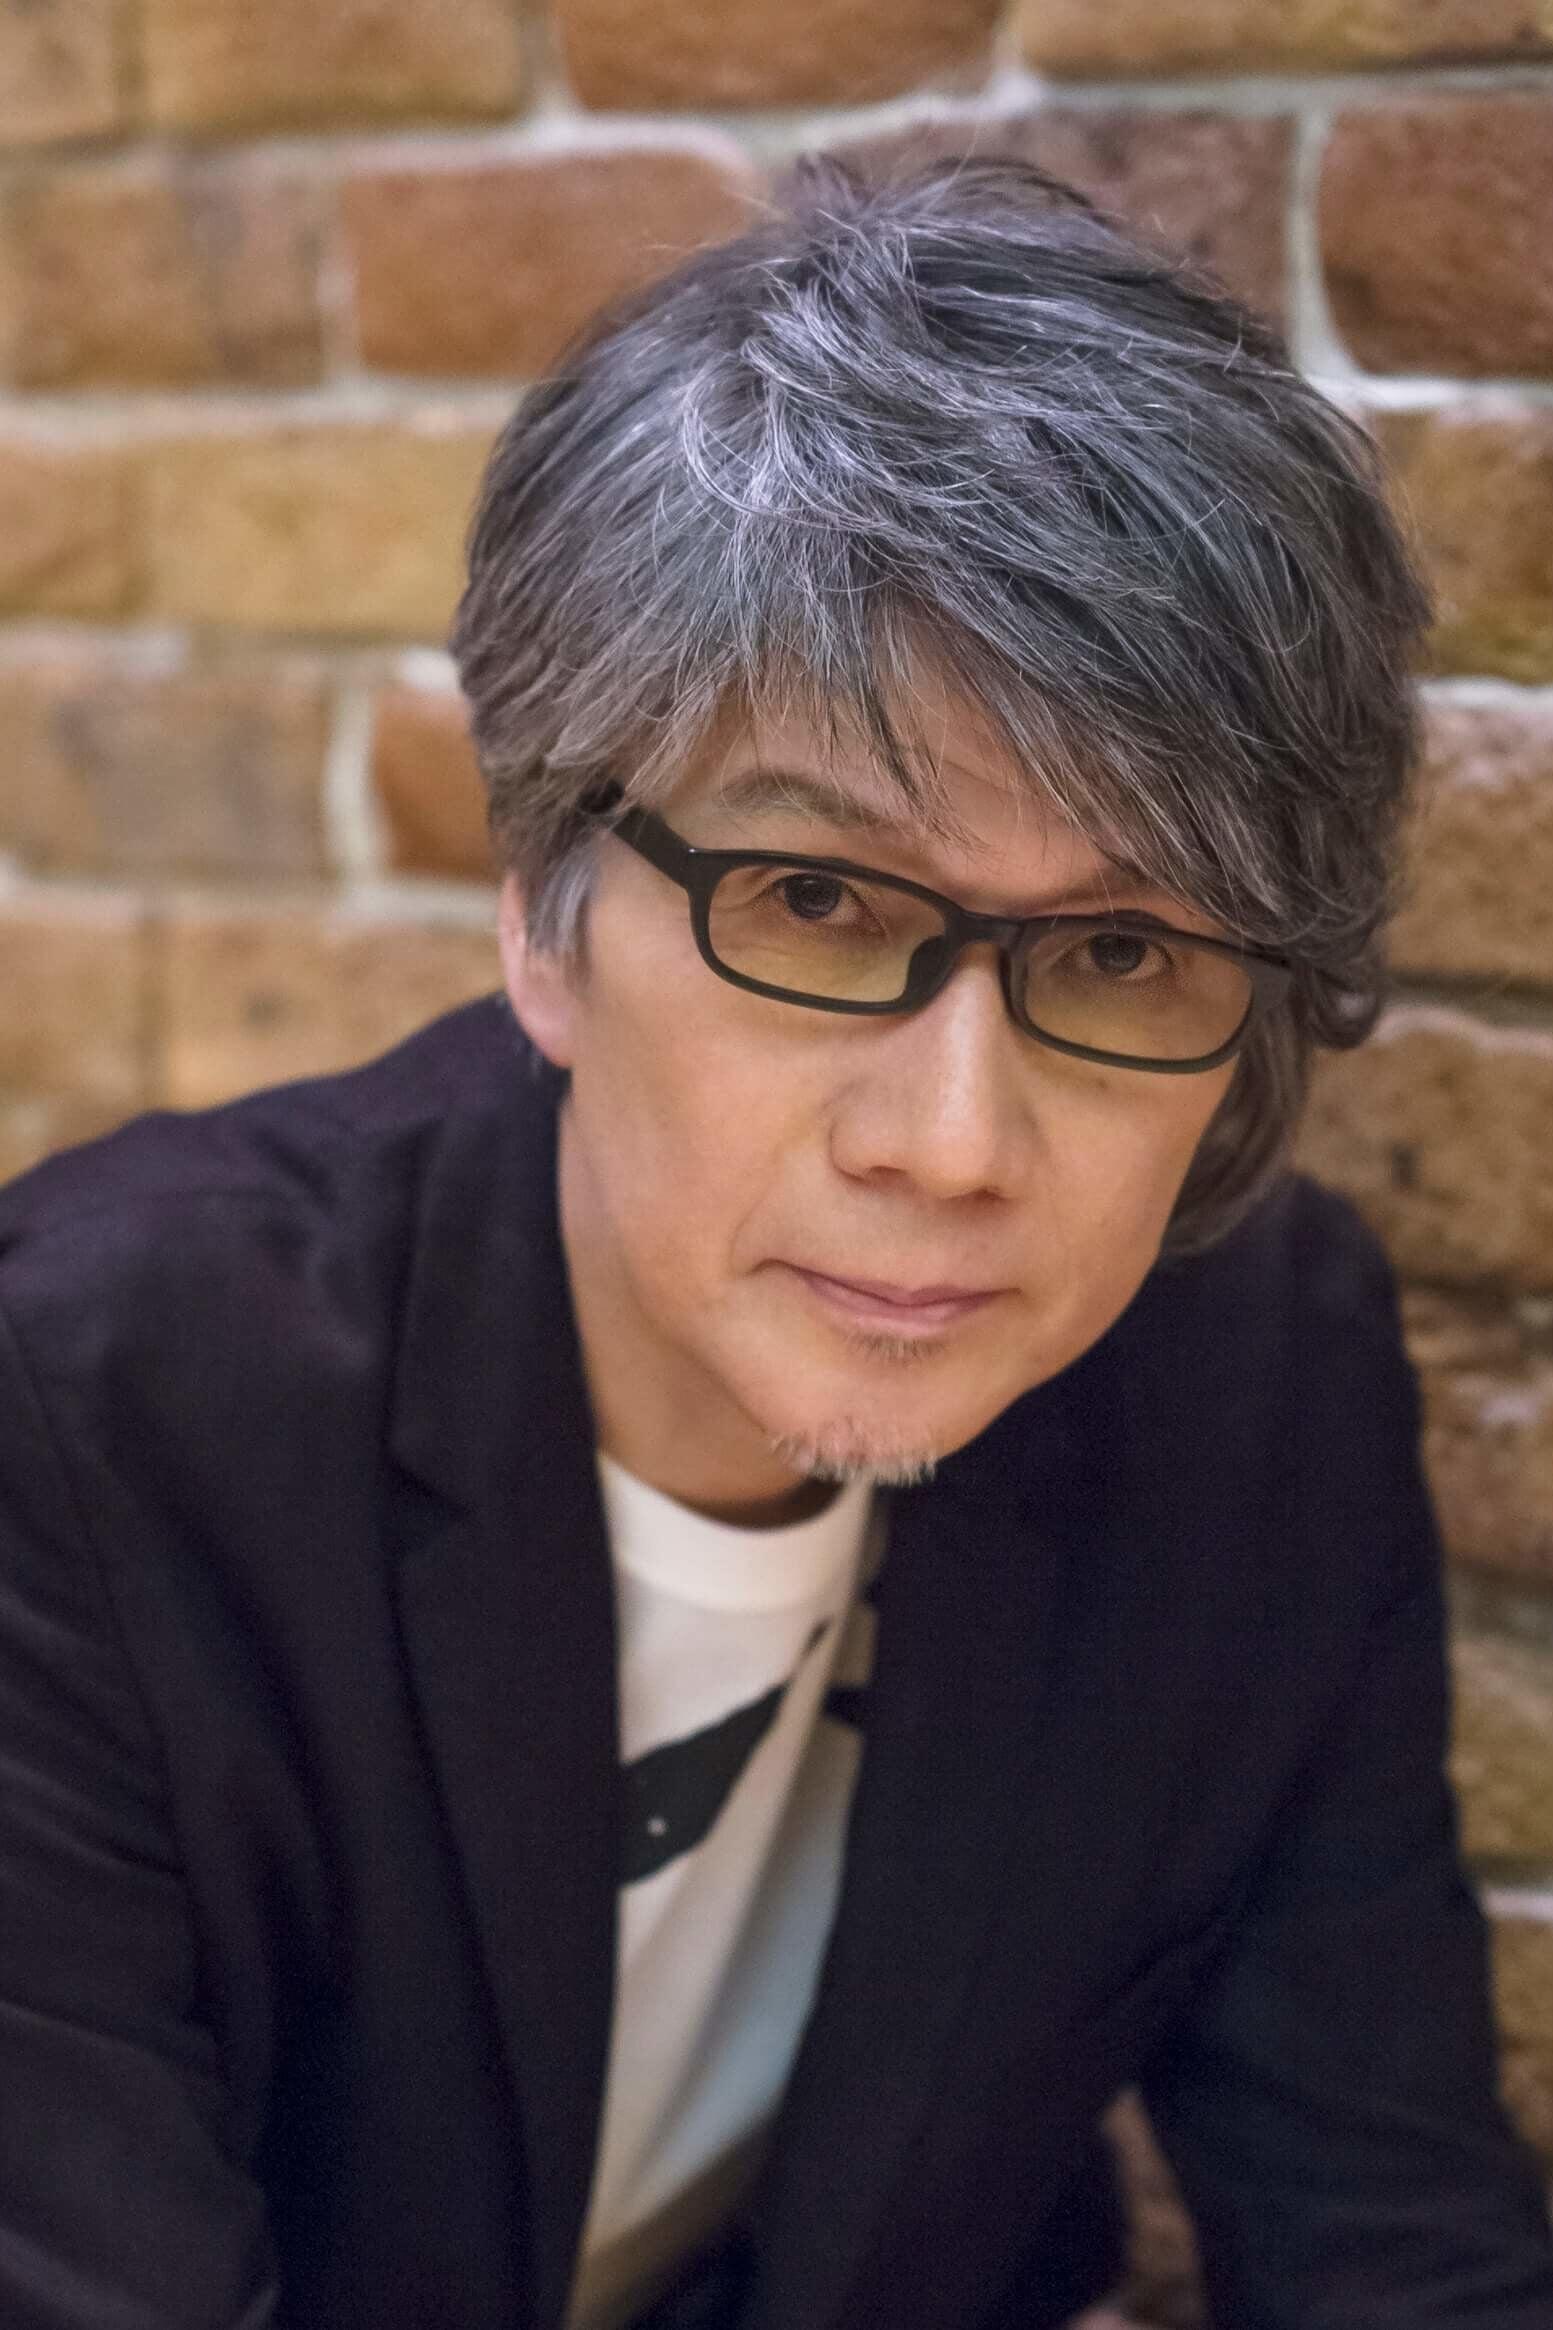 Ryo Yoshimata